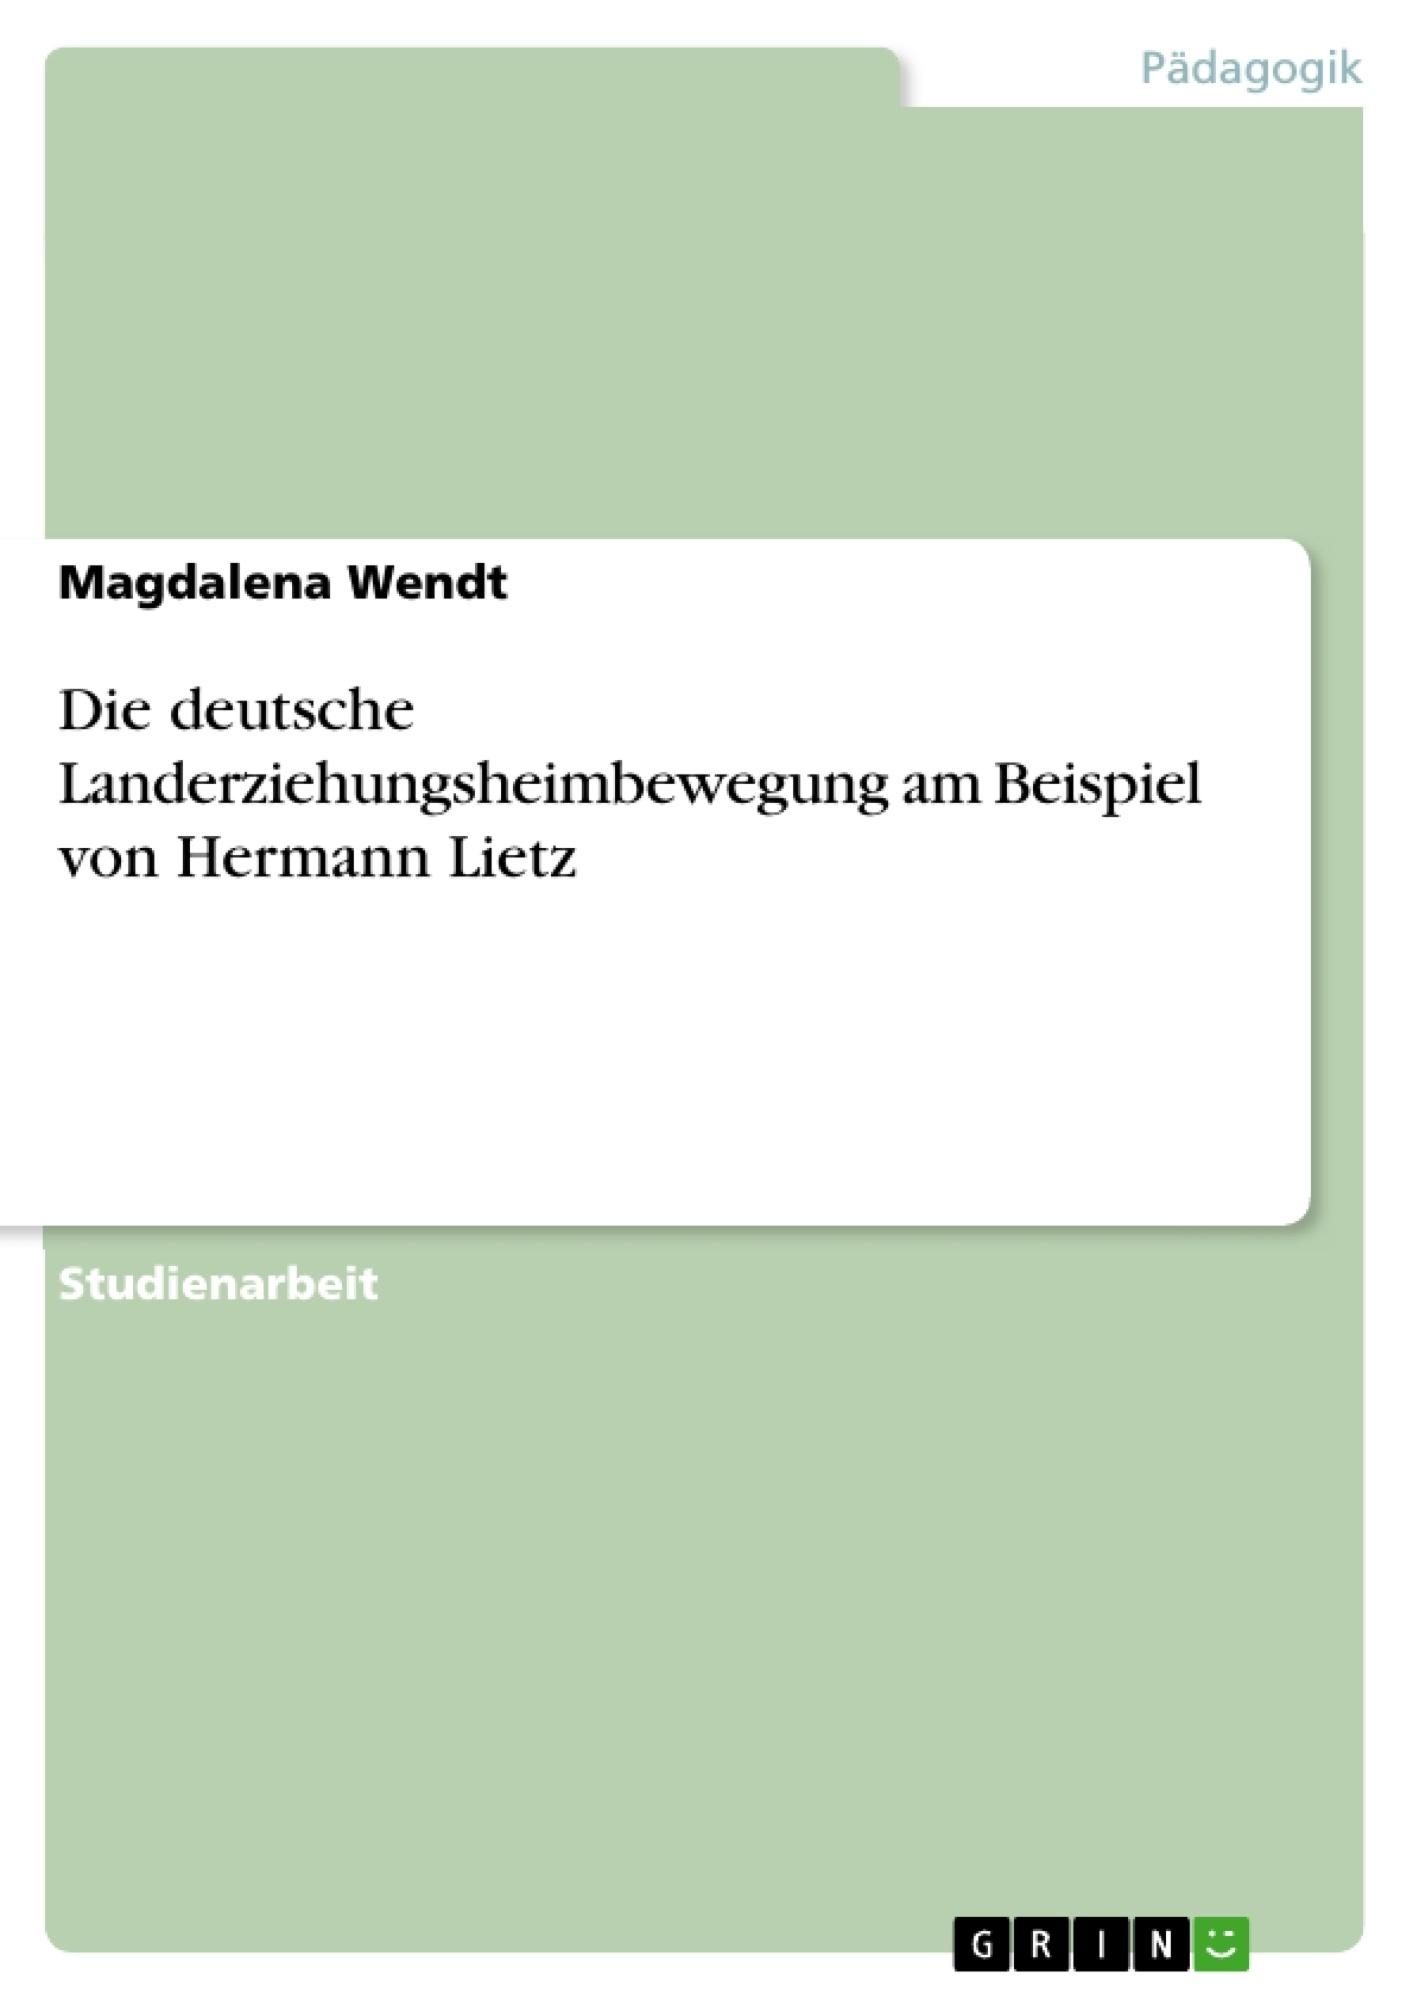 Titel: Die deutsche Landerziehungsheimbewegung am Beispiel von Hermann Lietz